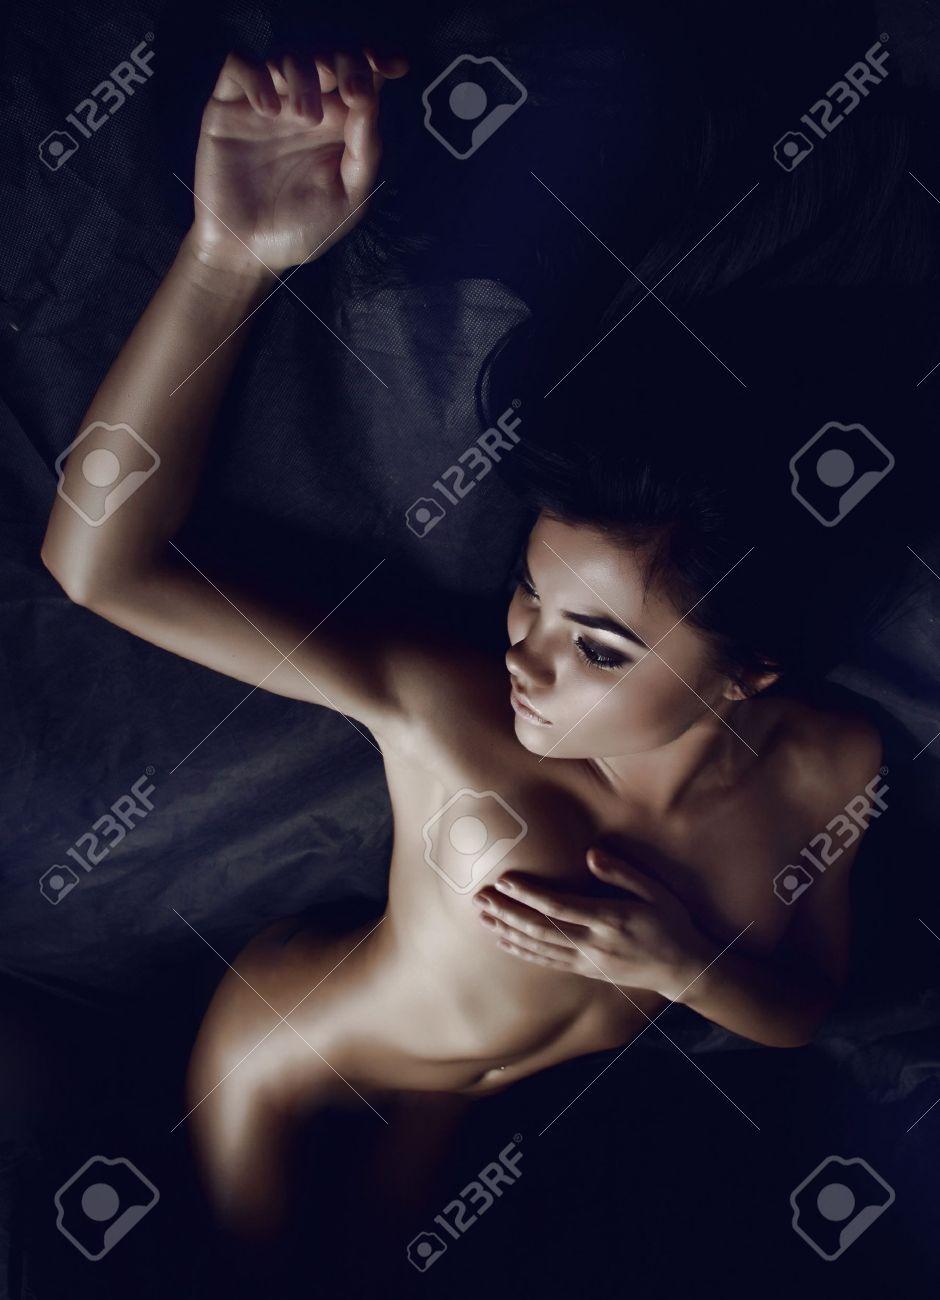 Jordan hinson hot nacet porn